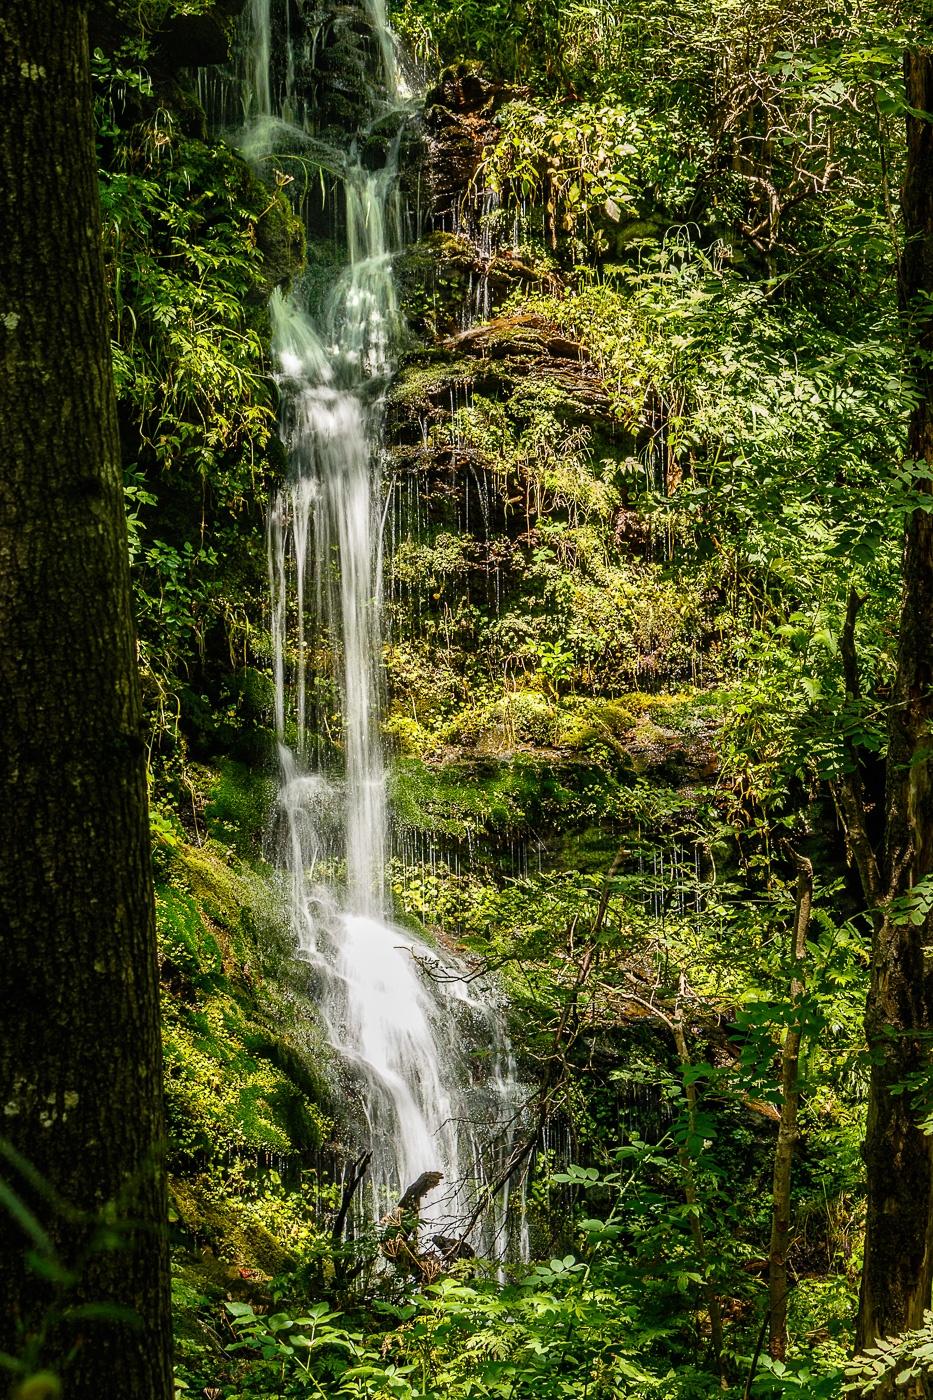 La selva del Pirineu - Fotografies de paisatges - Raül Carmona - Fotografia, Fotografia d'estudi, esdeveniments i Natura